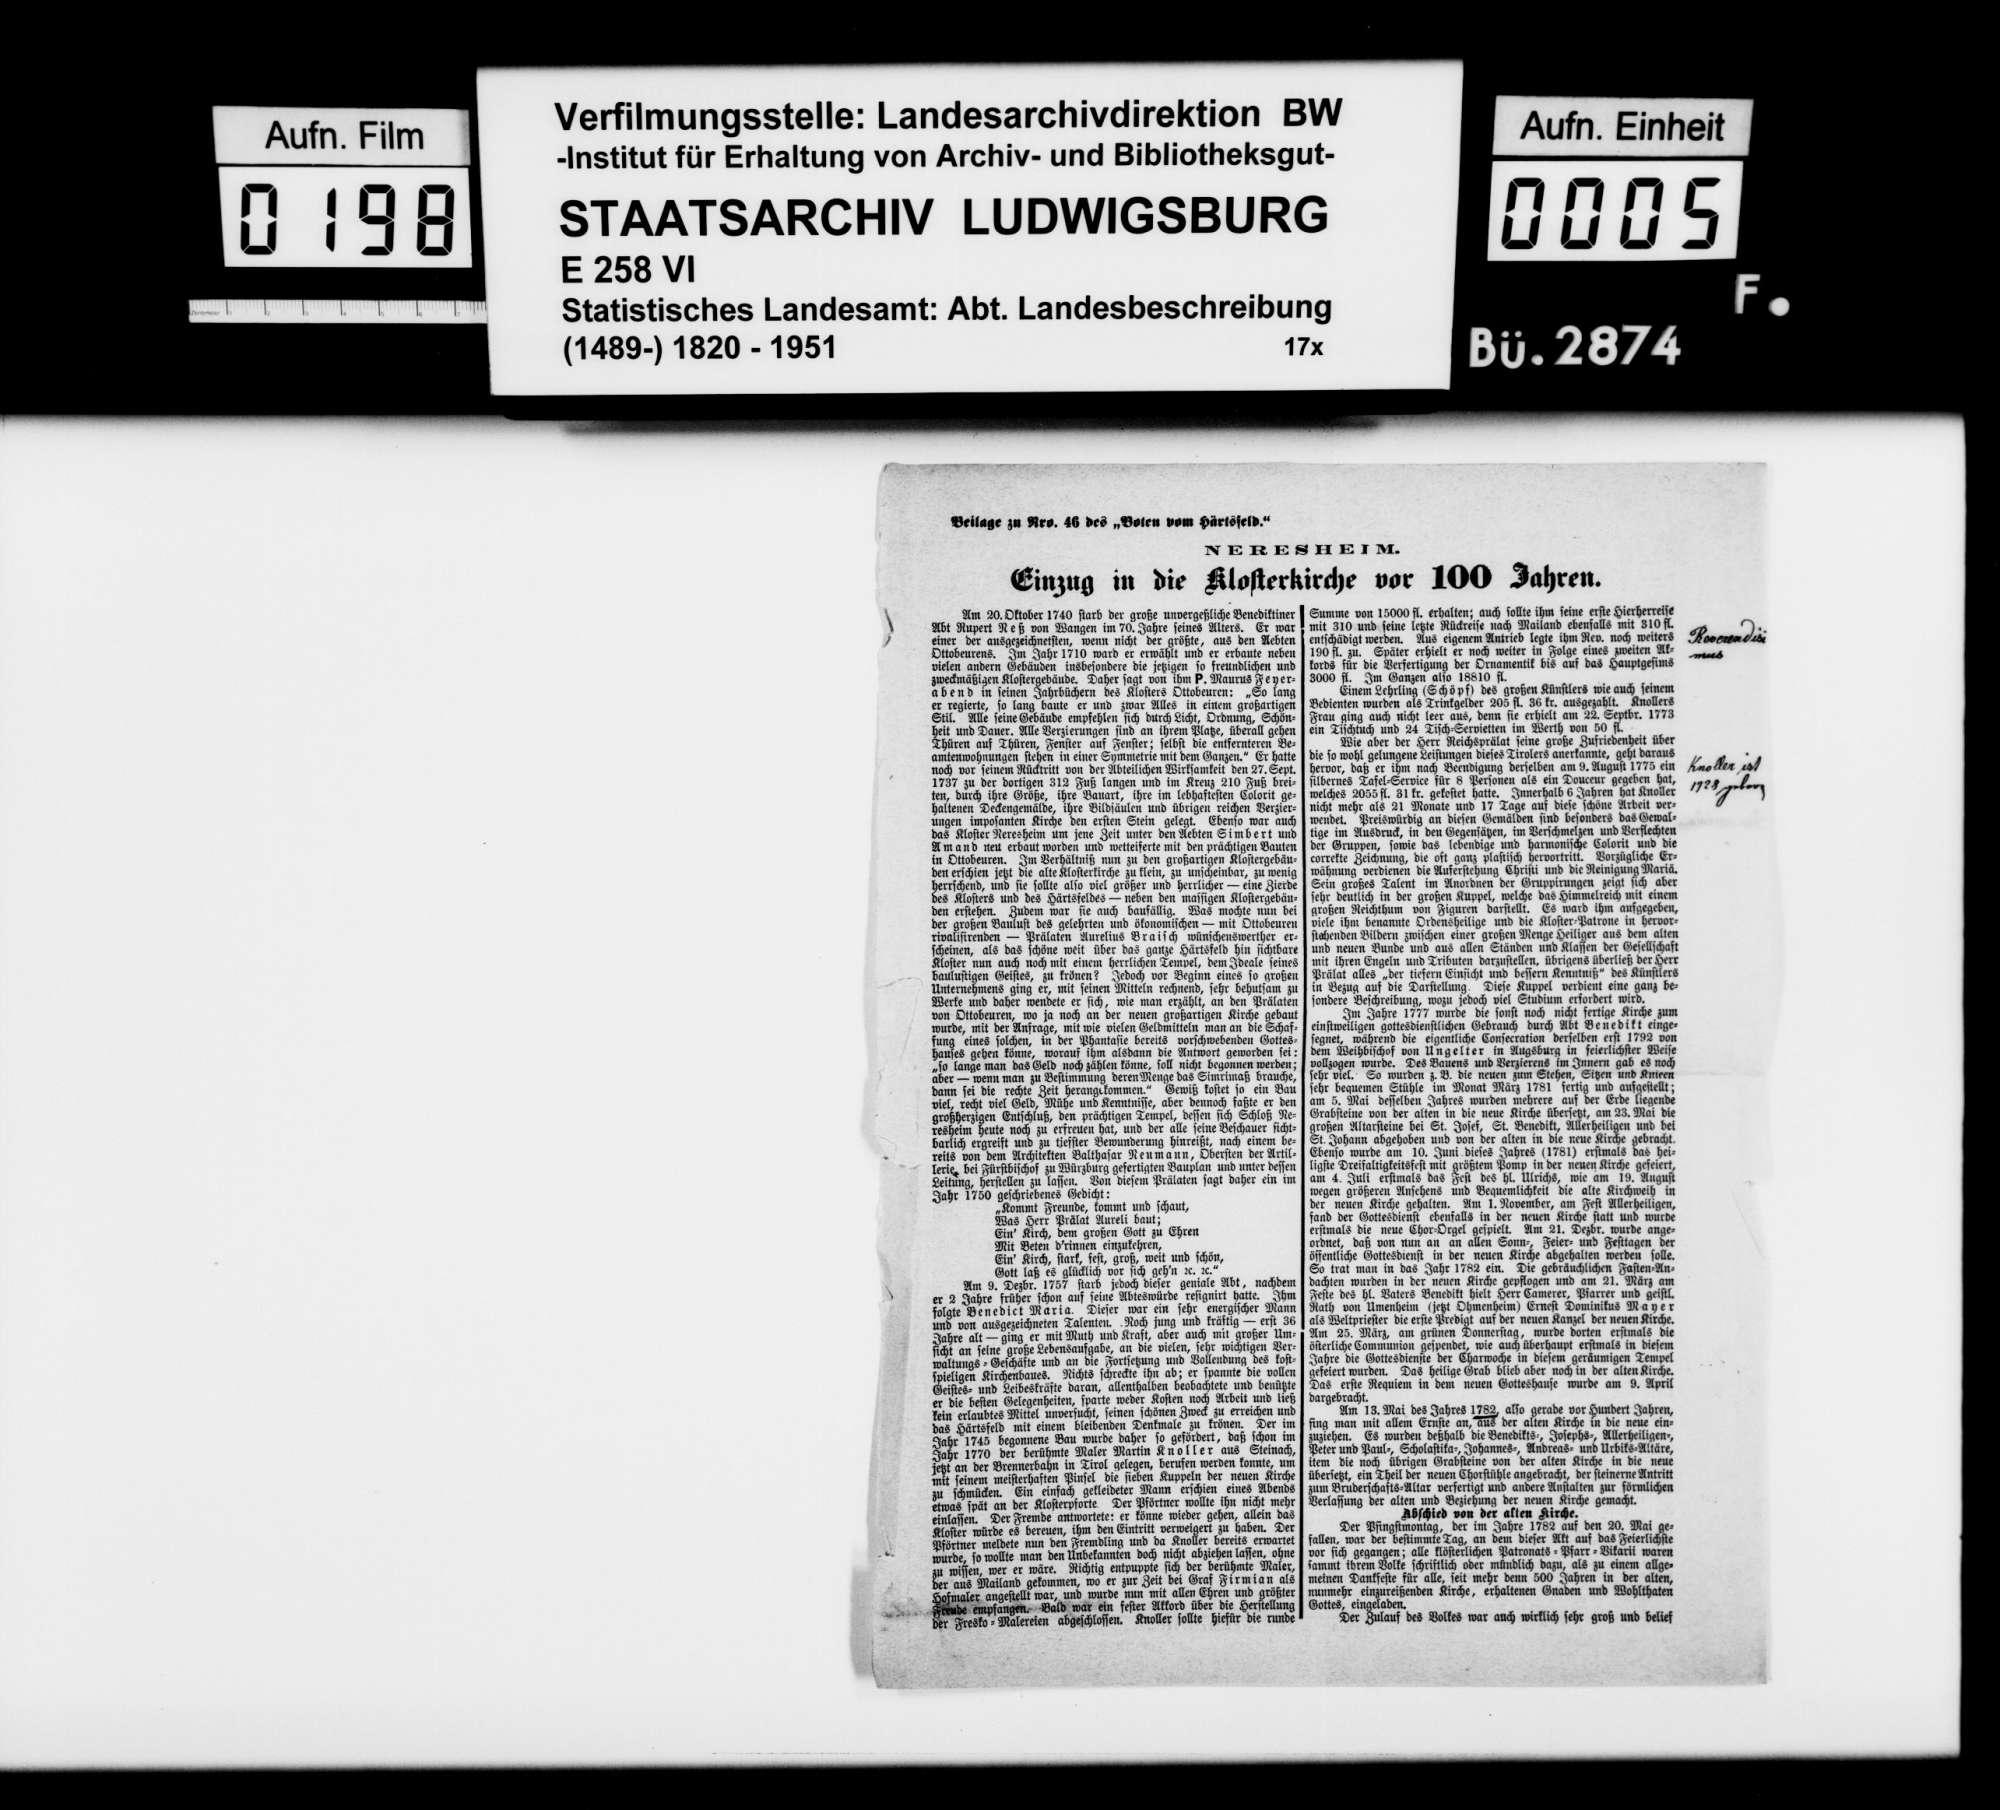 Sammlung gedruckten Materials für eine Neubearbeitung der OAB, [vermutlich übersandt und] teilweise verfaßt von Pater Paulus Weißenberger O.S.B. aus Neresheim, Bild 2